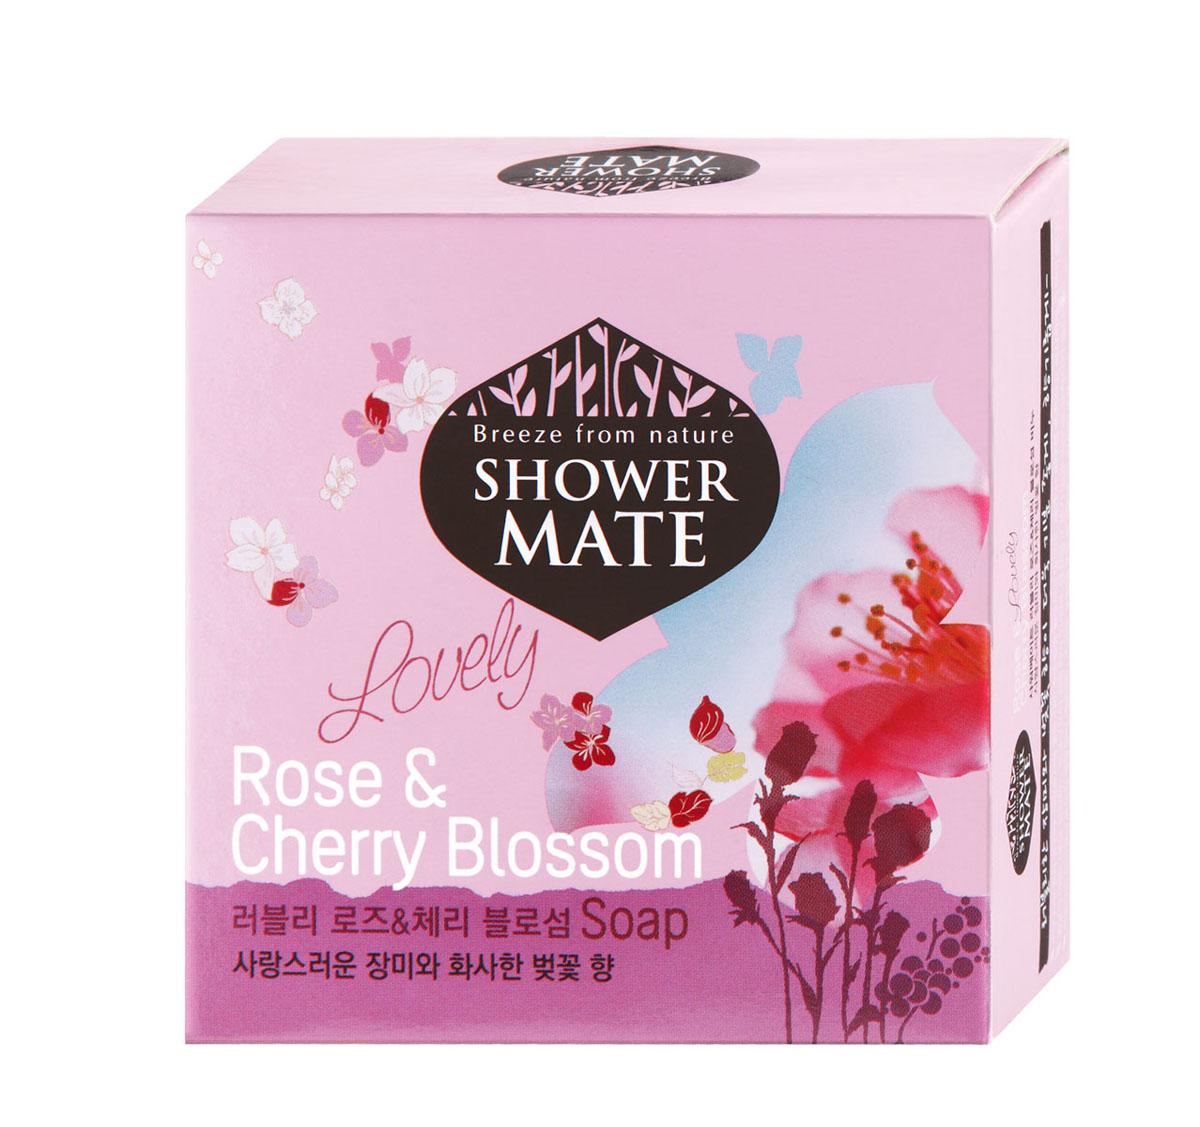 Shower Mate Мыло косметическое Роза и вишневый цвет, 100 гMP59.4DЭкстракт розы увлажняет и успокаивает кожу. Экстракт вишни делает кожу гладкой и эластичной. Роскошный аромат розы и едва уловимый аромат цветов вишни создают романтичное настроение и ощущение полного блаженства. Характеристики:Вес: 100 г. Артикул: 988077. Производитель: Корея. Товар сертифицирован.